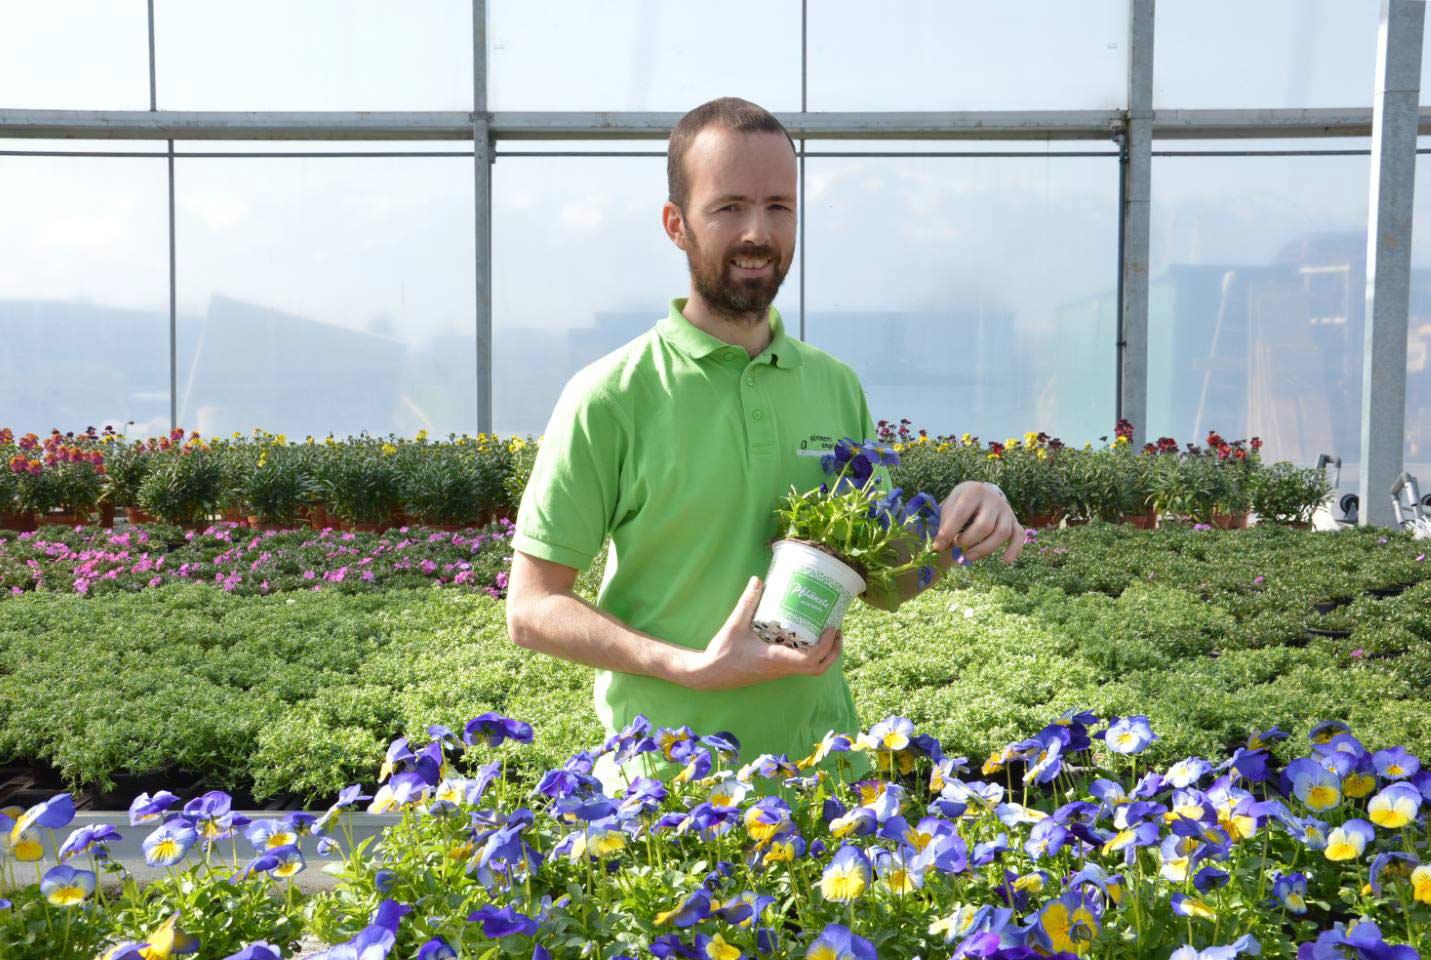 Alexander Angeloff Hält Eine Topfblume In Der Hand, Während Er In Seinem Gewächshaus Steht